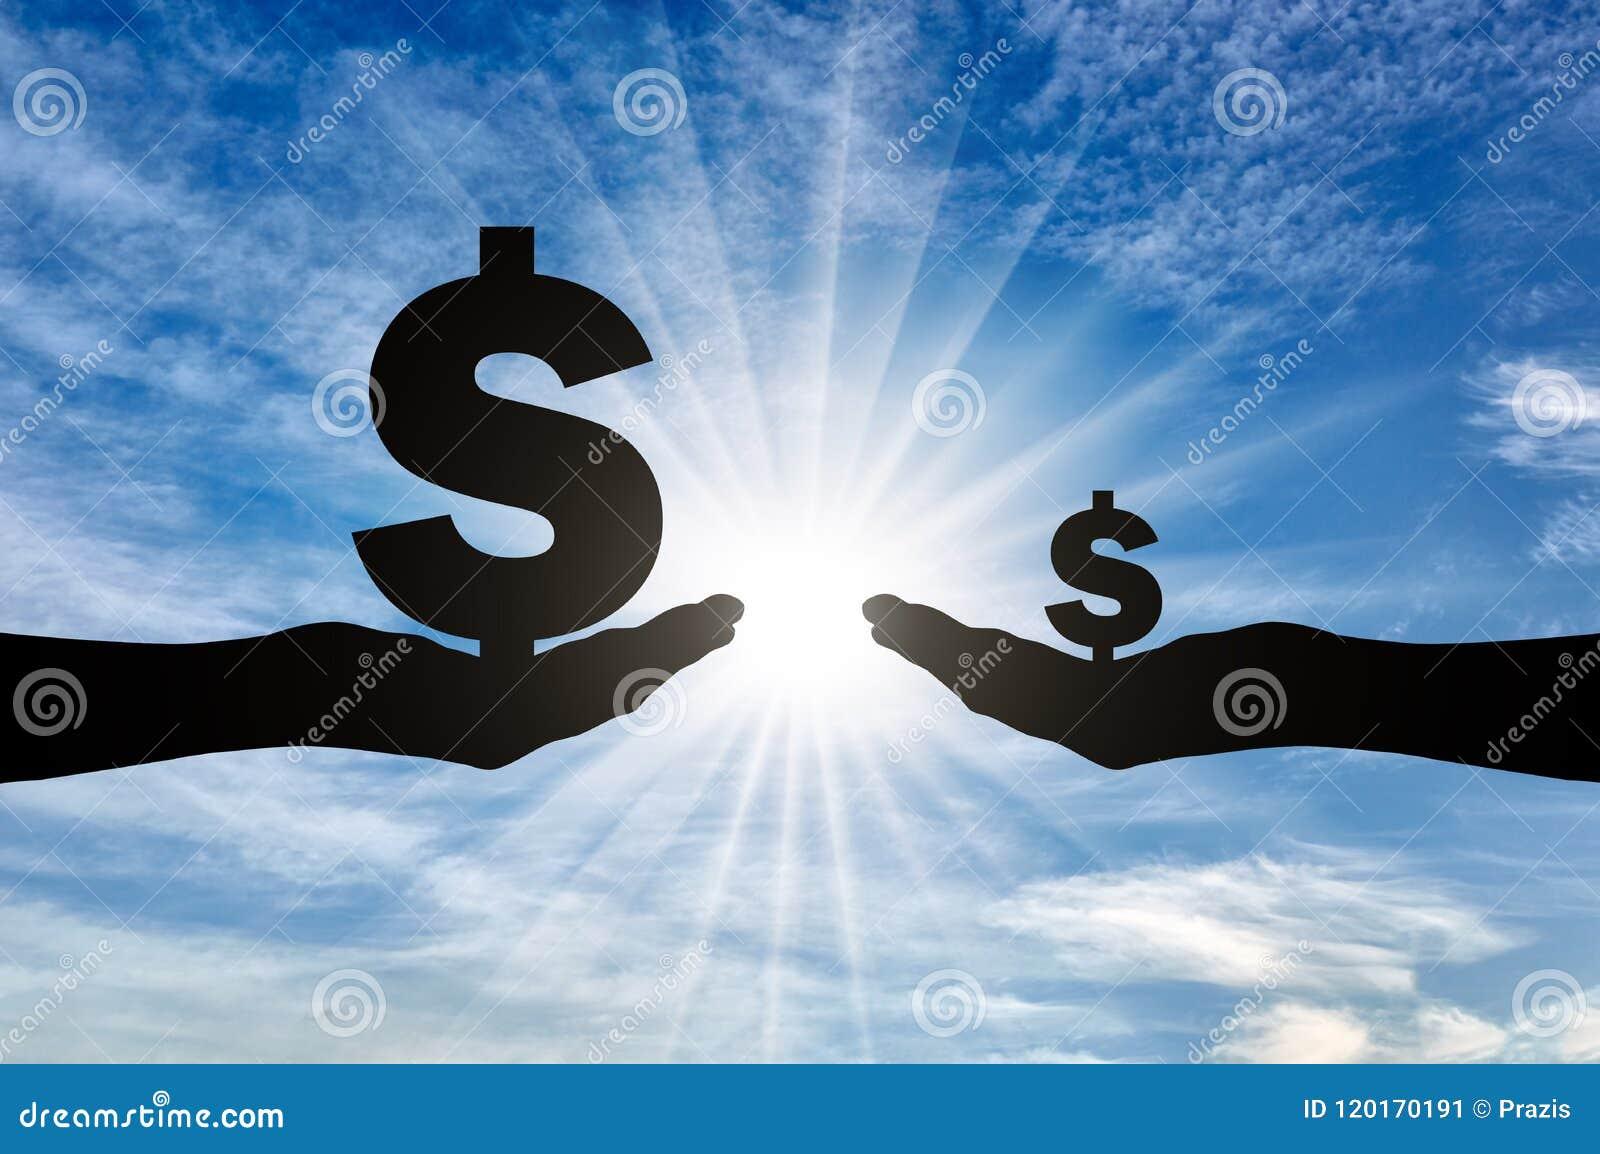 Schattenbild von zwei Händen, eins, das ein großes Zeichen Dolar hat ein hohes Einkommen, das andere klein hält